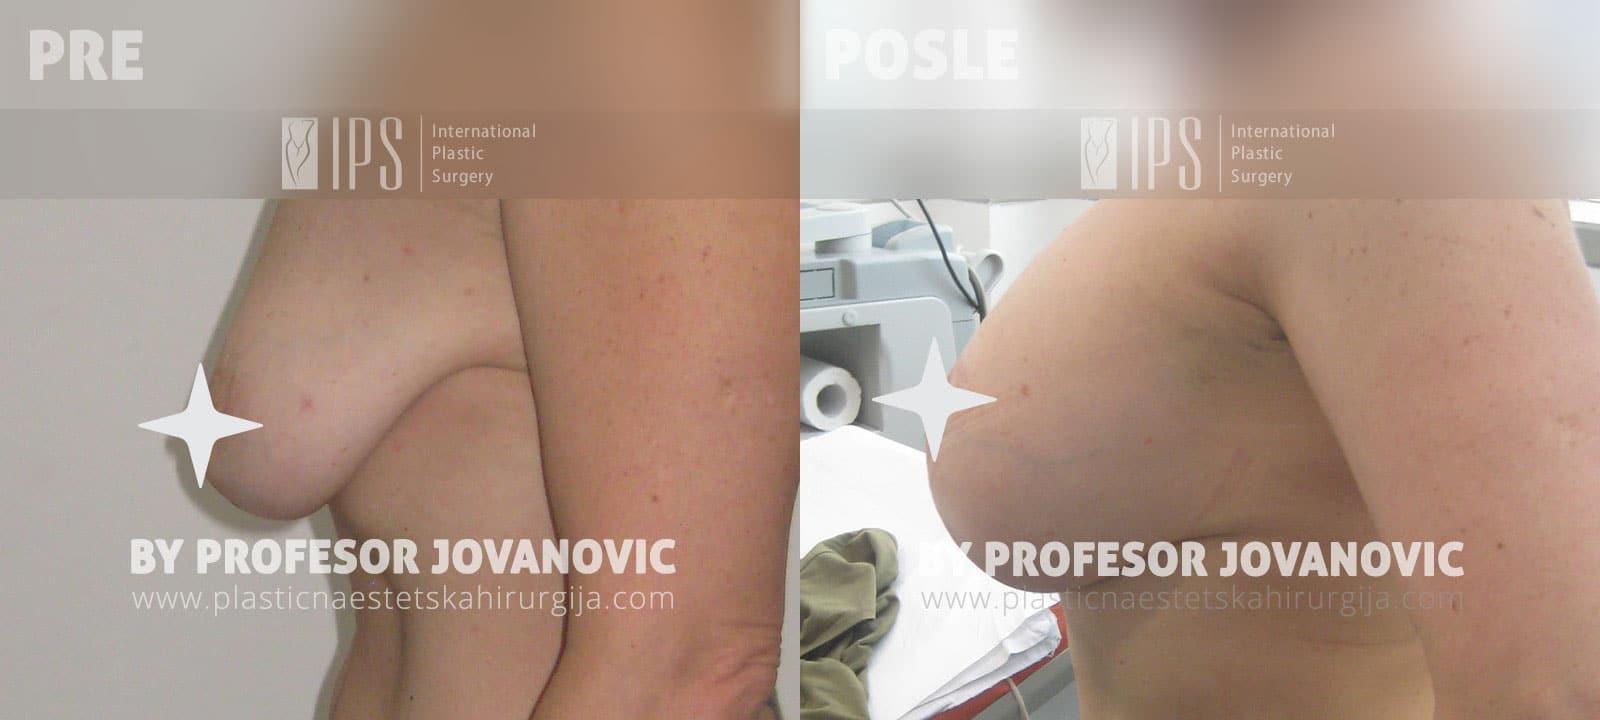 Podizanje grudi sa ožiljkom i povećanje grudi - pre i posle